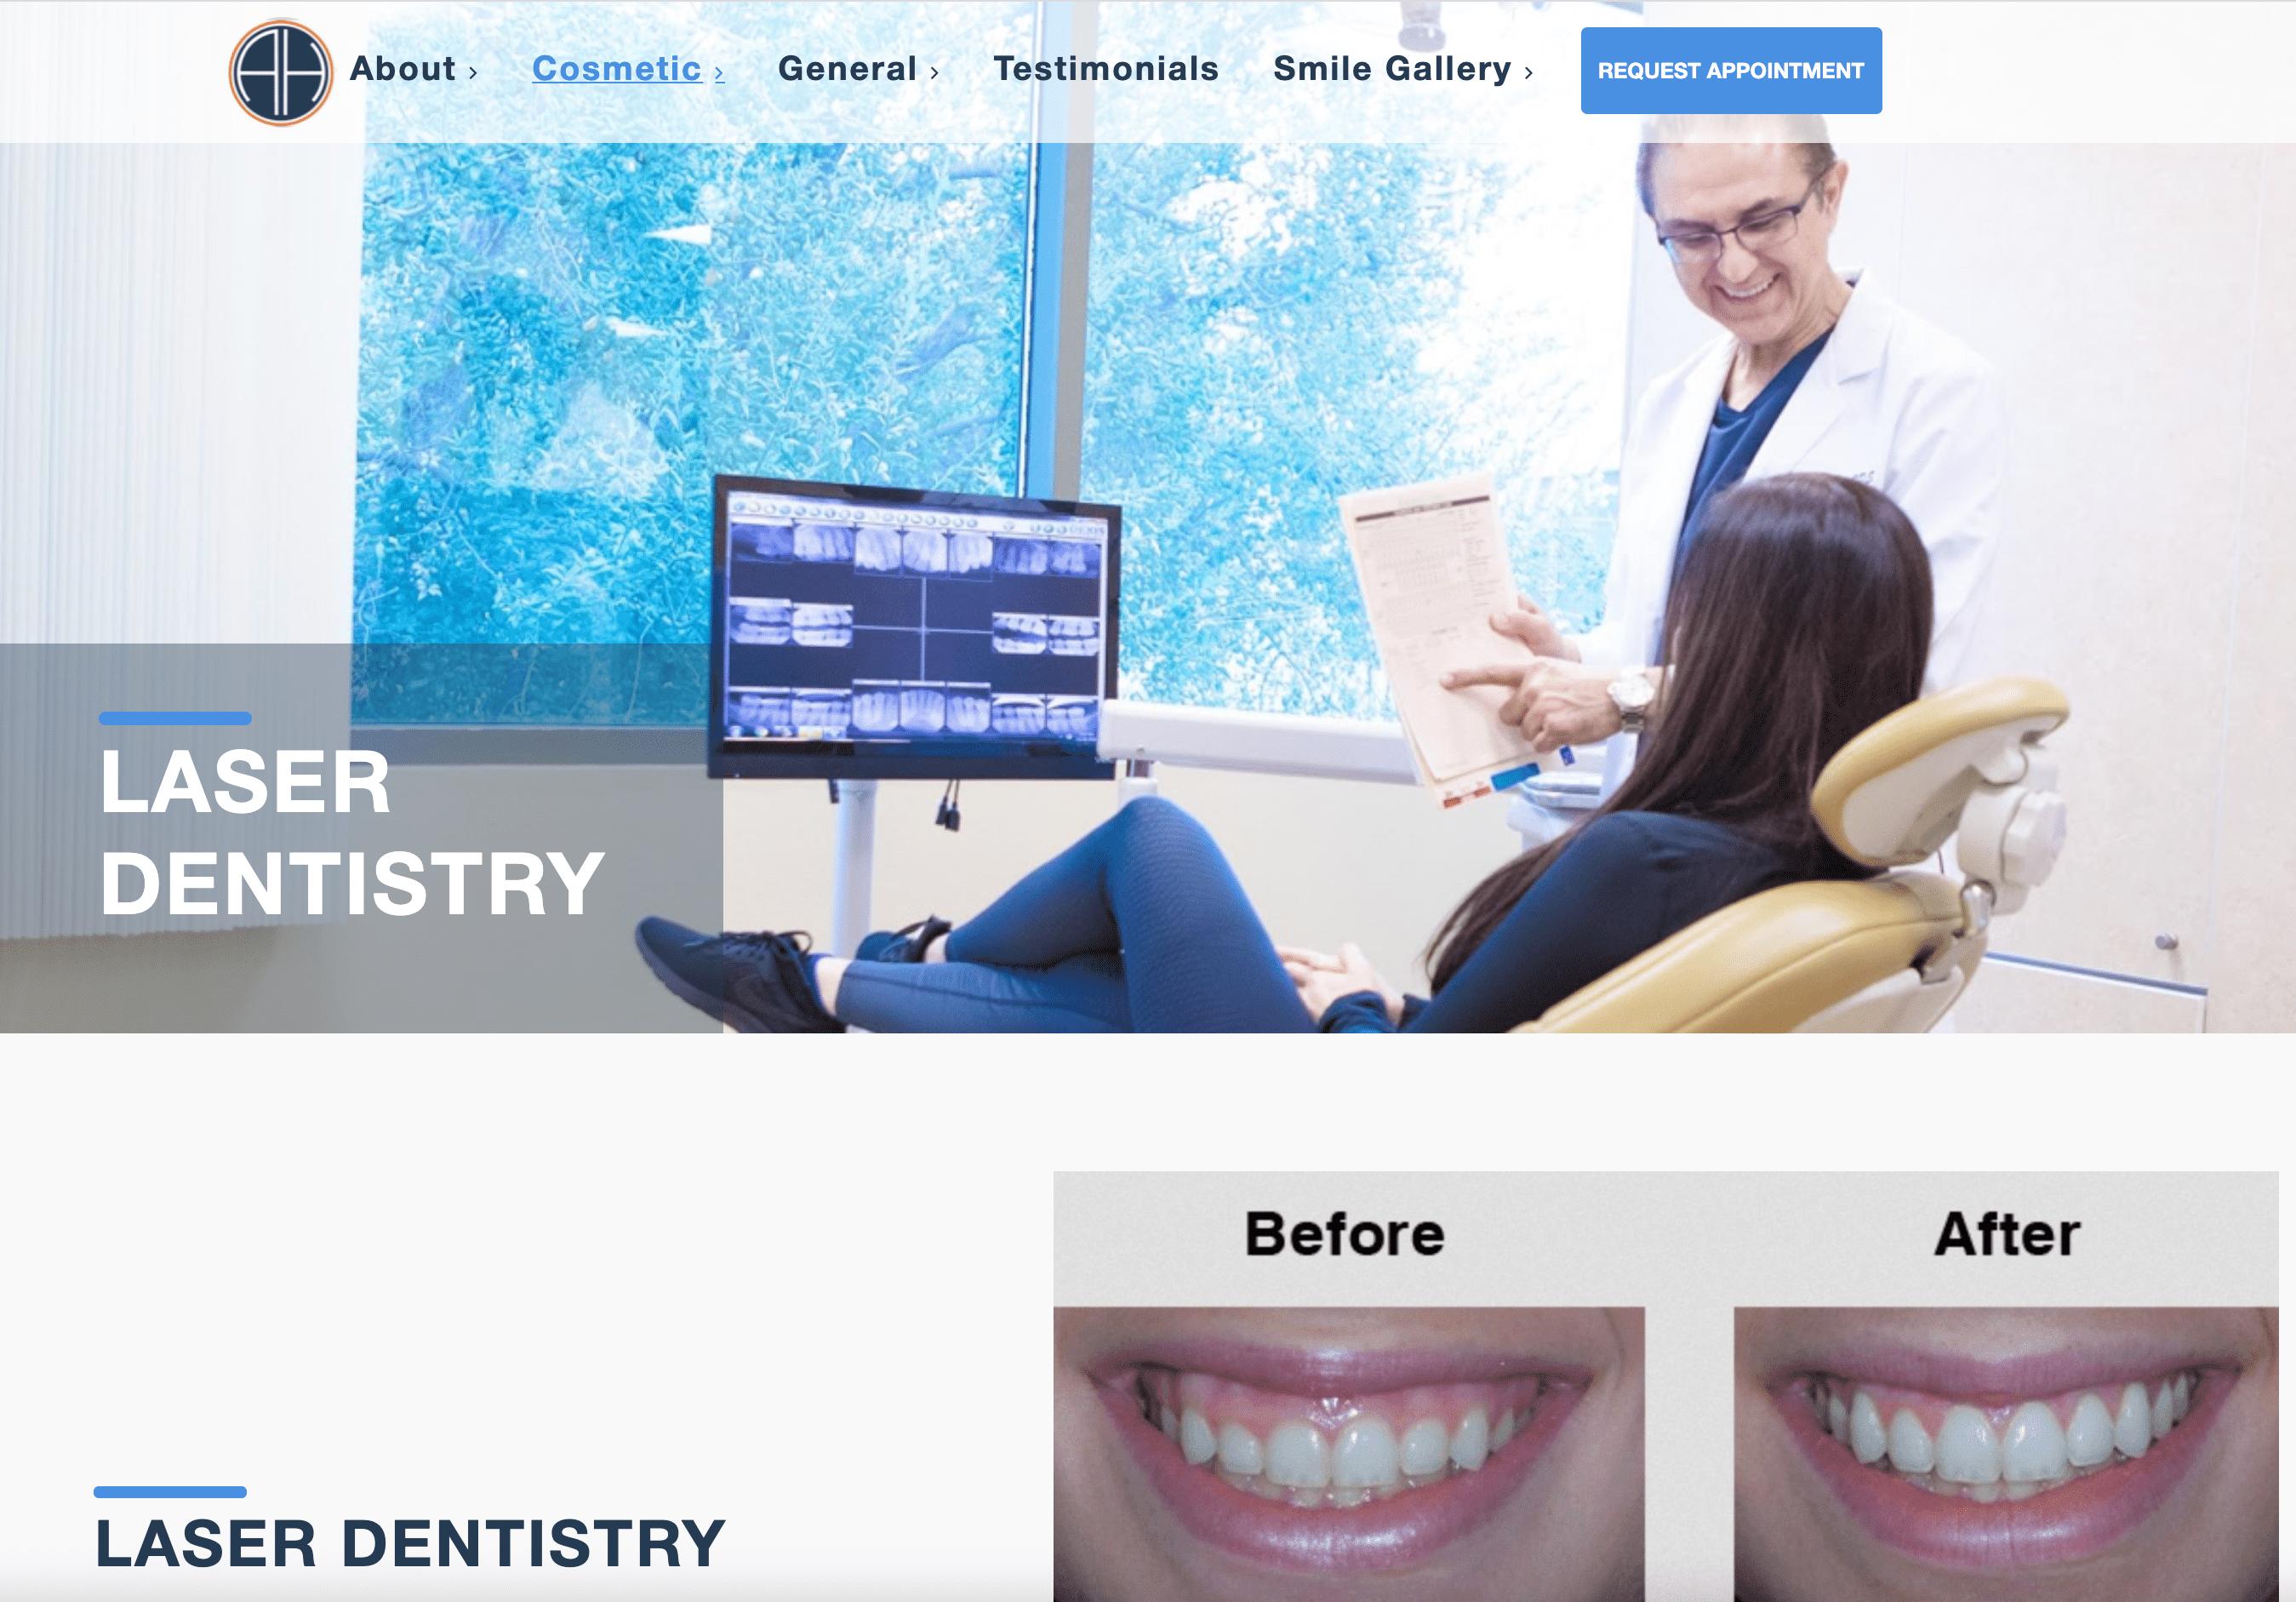 Agoura Hills laser dentistry